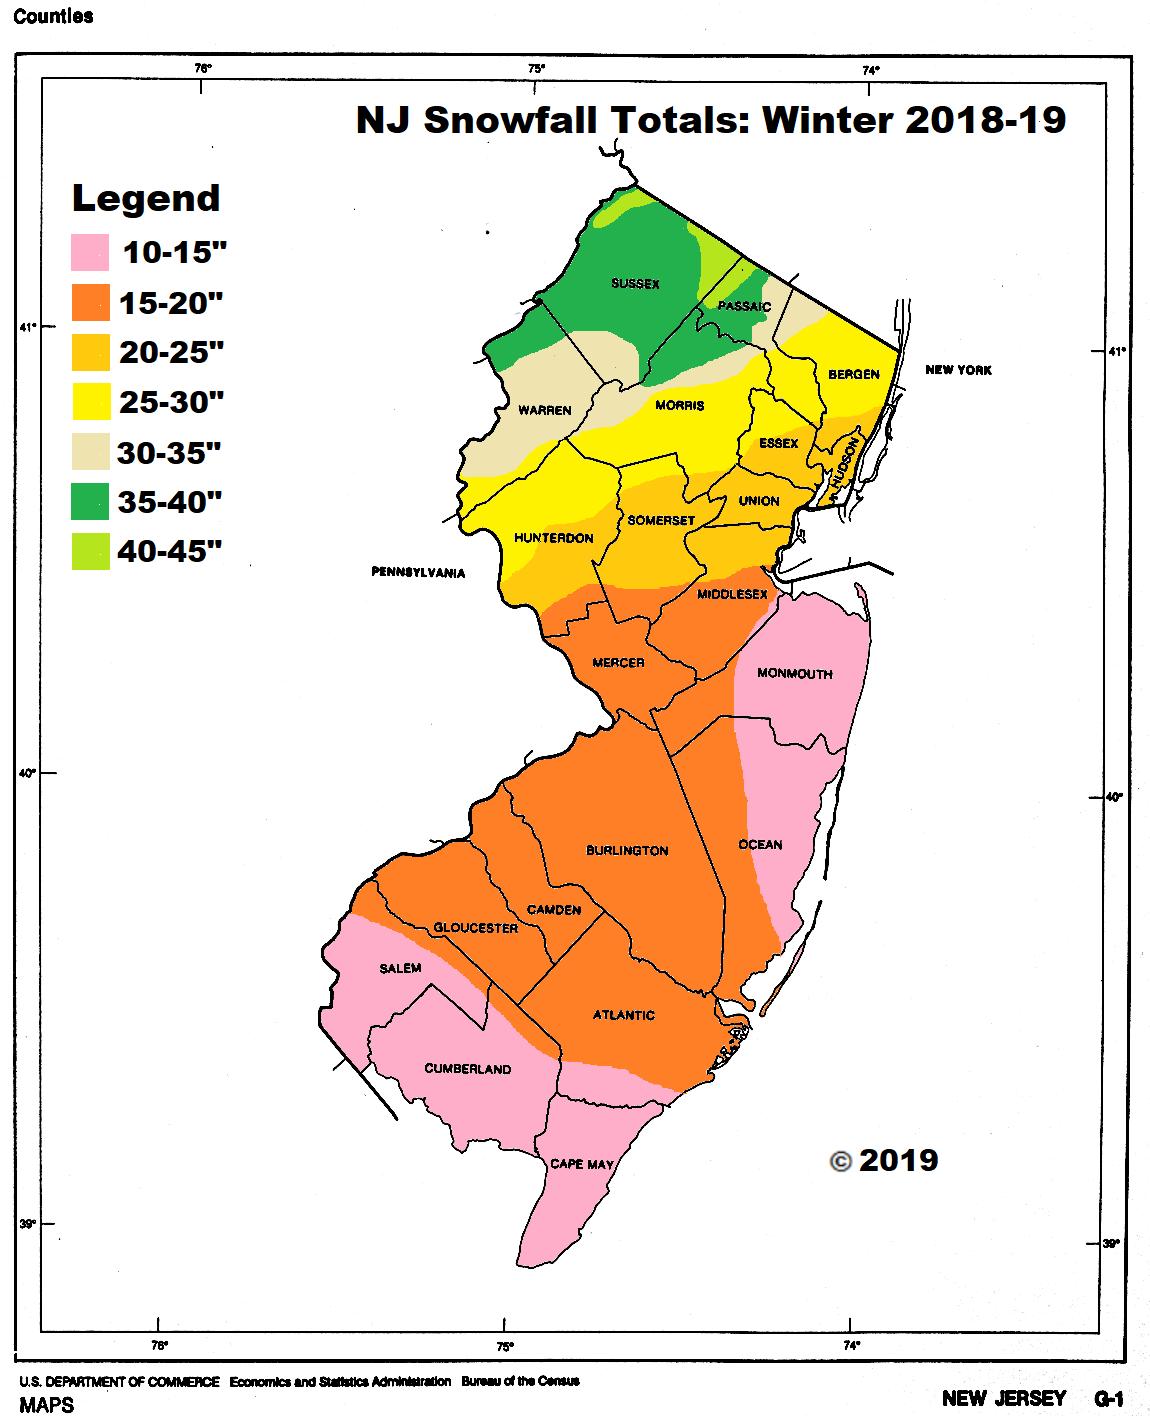 NJ Snowfall Totals 2018 19